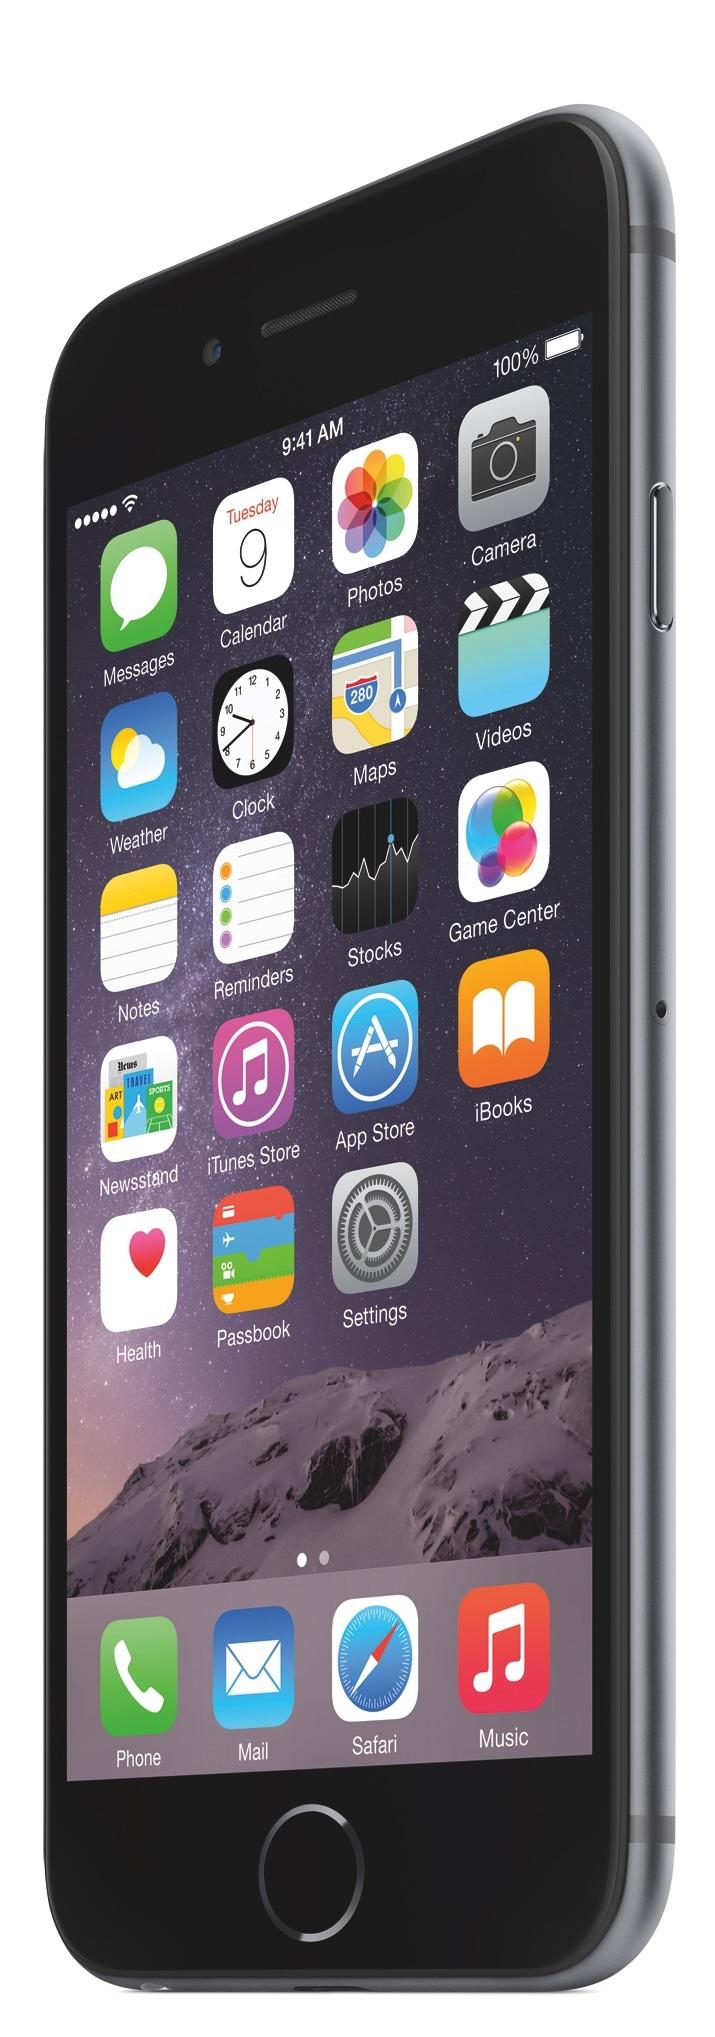 """<STRONG>MEJOR MÓVIL DE MENOS DE 5"""" / EL REY CRECE.</STRONG>  Era un secreto a voces. El iPhone tenía que crecer. Y lo ha hecho. La pantalla aumenta hasta las 4,7 pulgadas y estrena una nueva resolución de 1.334 x 750 píxeles. Apple ha lanzado también un phablet para acompañar al iPhone 6 -el iPhone 6 Plus-, pero es el modelo más compacto el que ha logrado seducirnos. Por su acabado, potencia y calidad se convierte en nuestro mejor teléfono móvil de 2014. www.apple.es"""